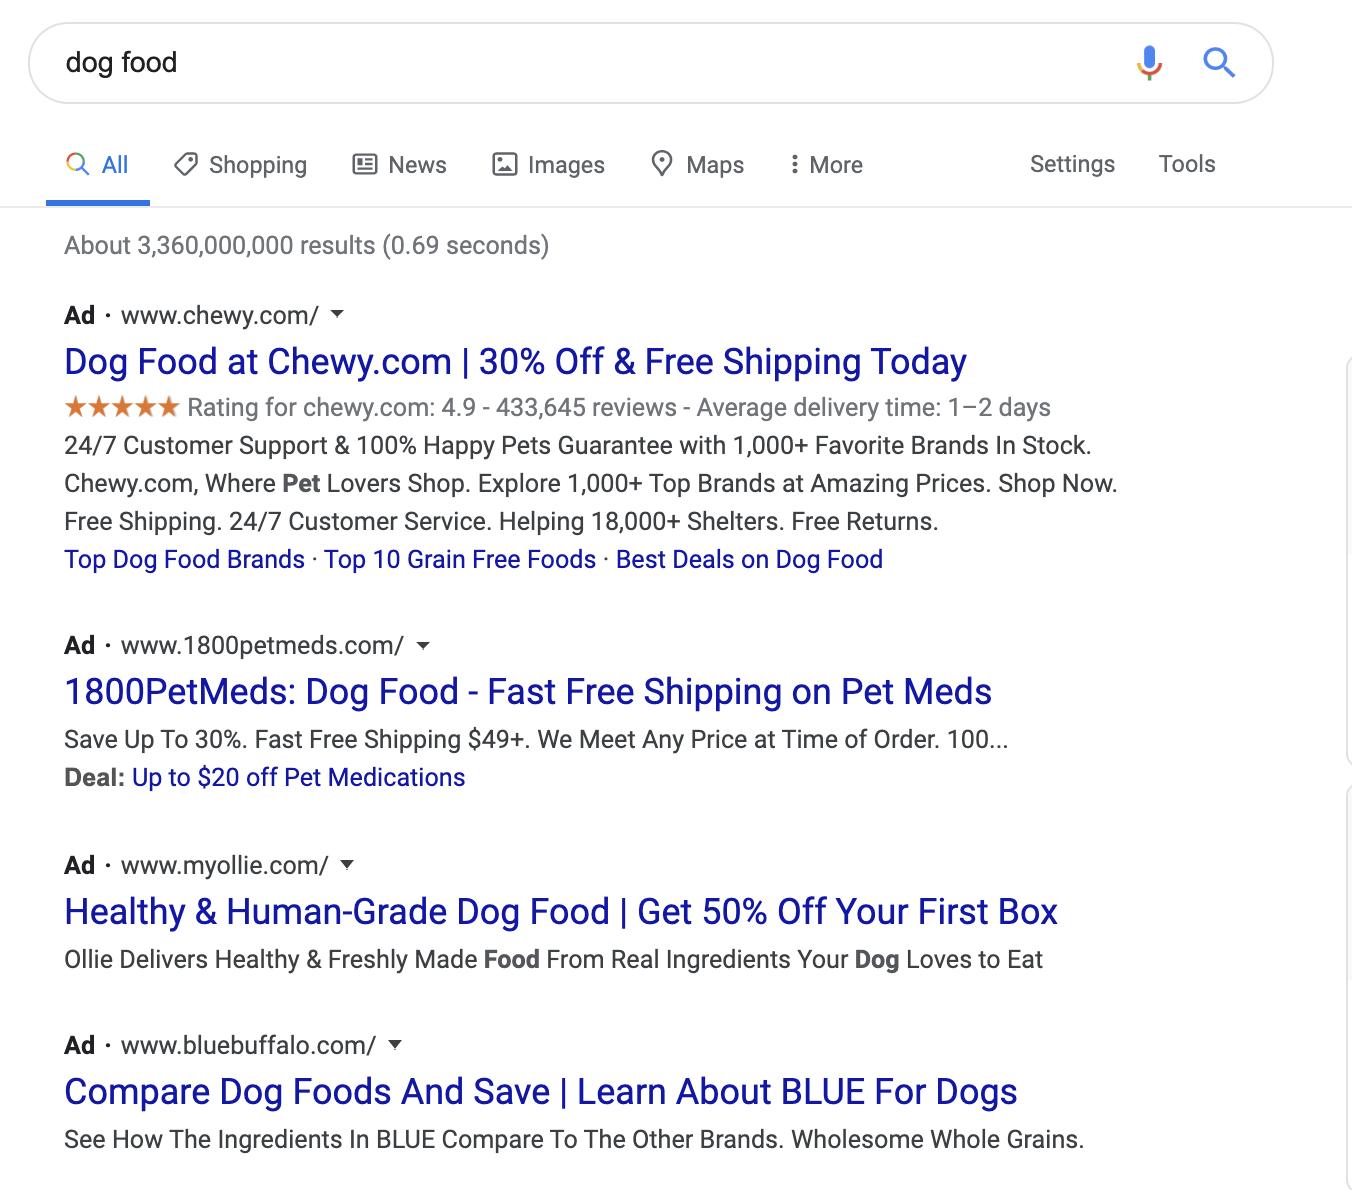 google ads listing